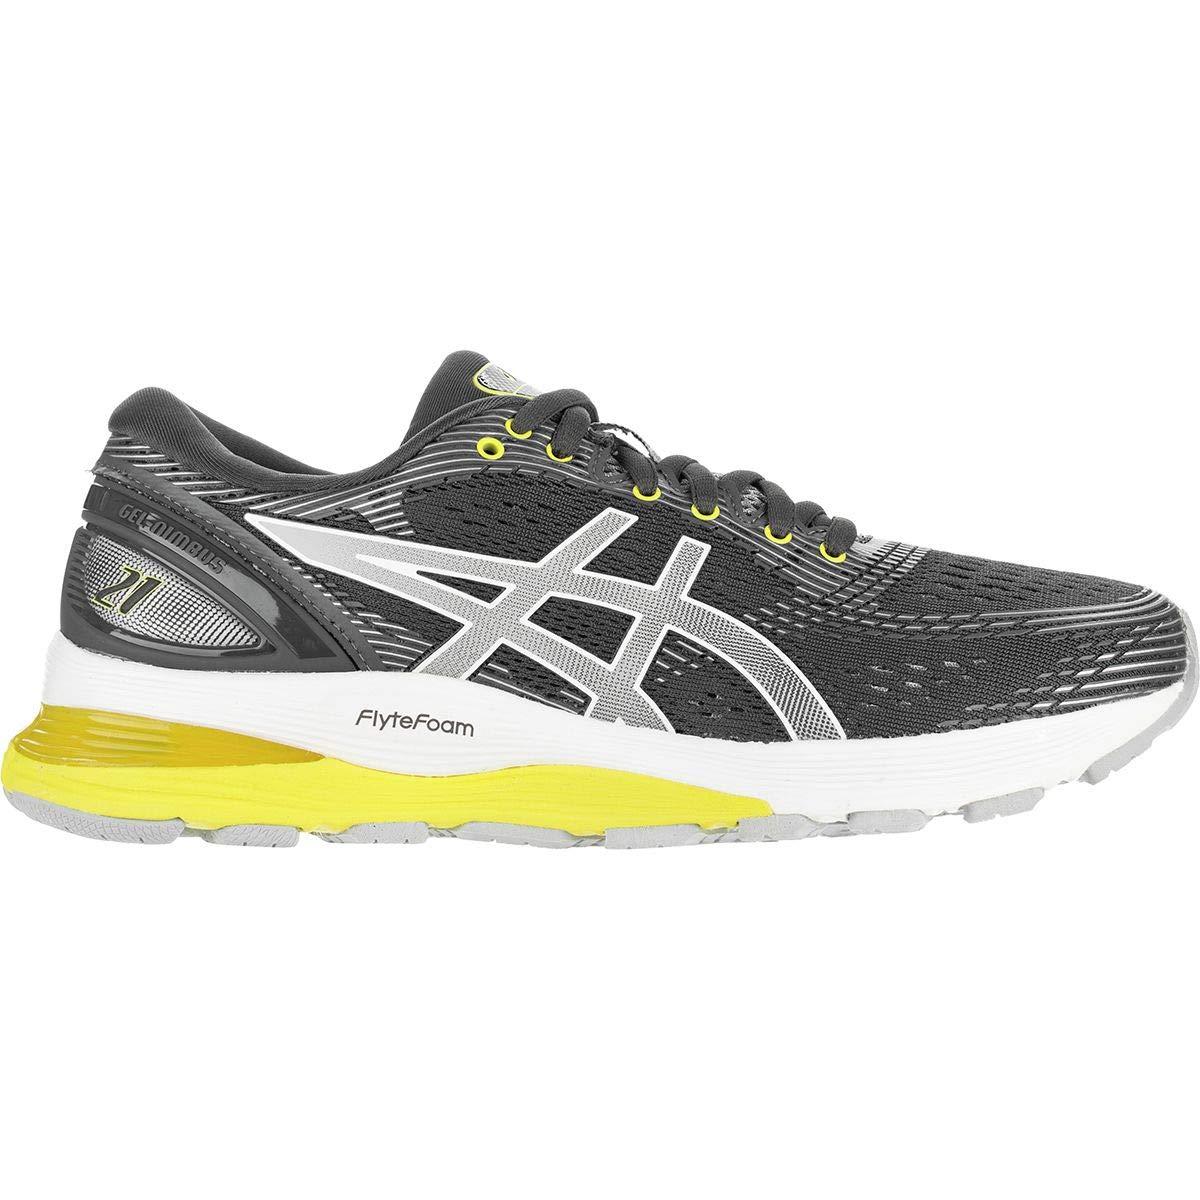 2019年新作入荷 [アシックス] B07P54D2Z4 レディース 21 ランニング Gel-Nimbus 21 Running Shoe [並行輸入品] Shoe B07P54D2Z4 8, 三重郡:234e26a8 --- 4x4.lt